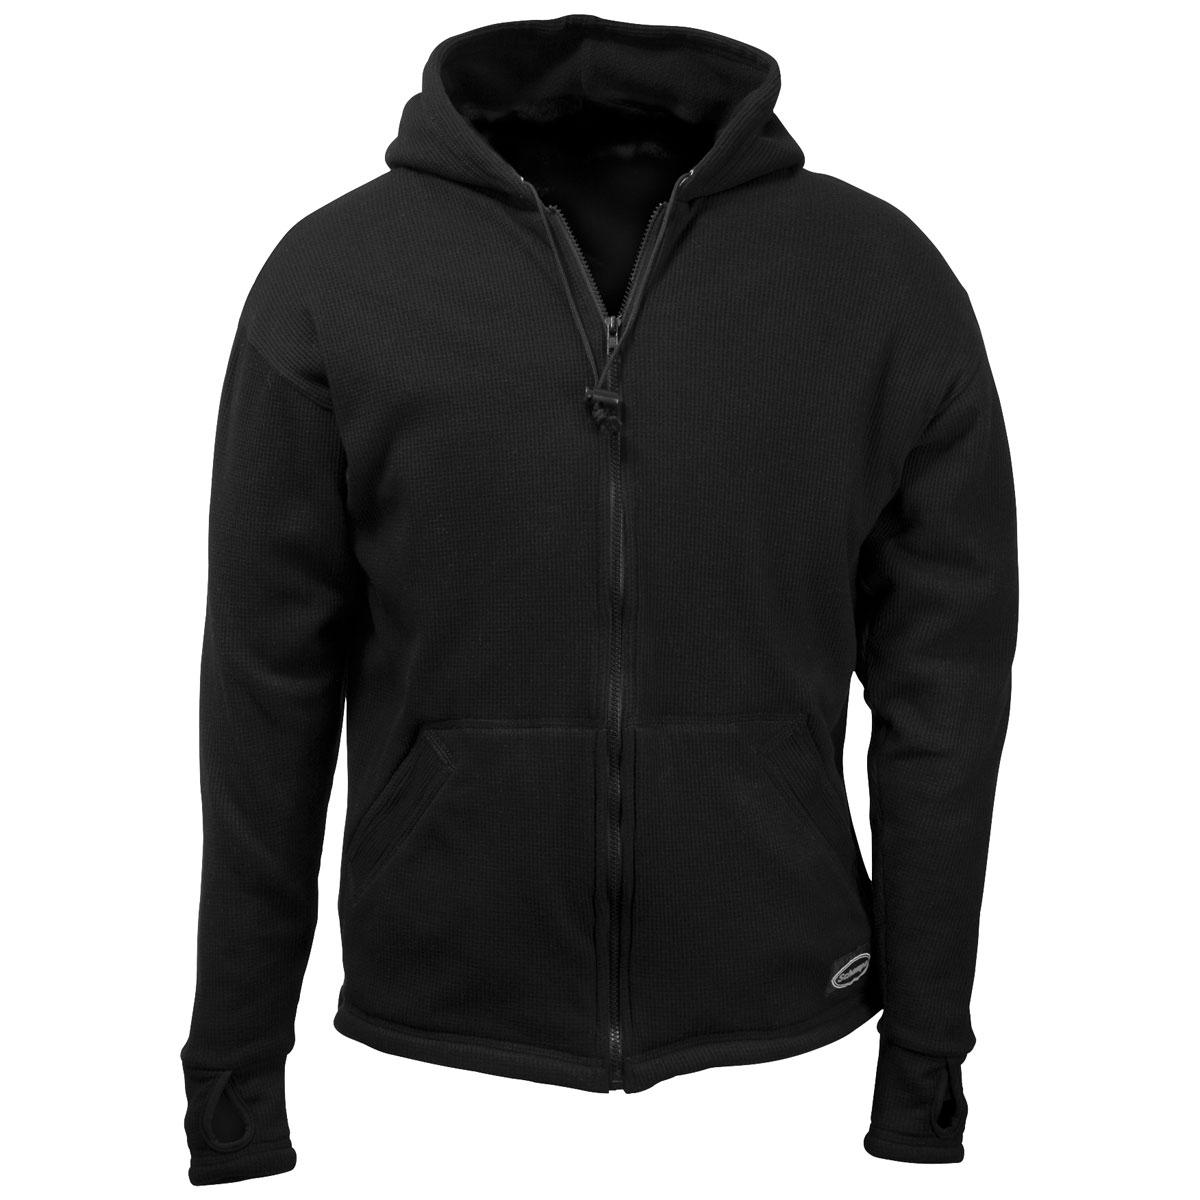 Schampa Men's Old School Solid Fleece Lined Thermal Black Hoodie